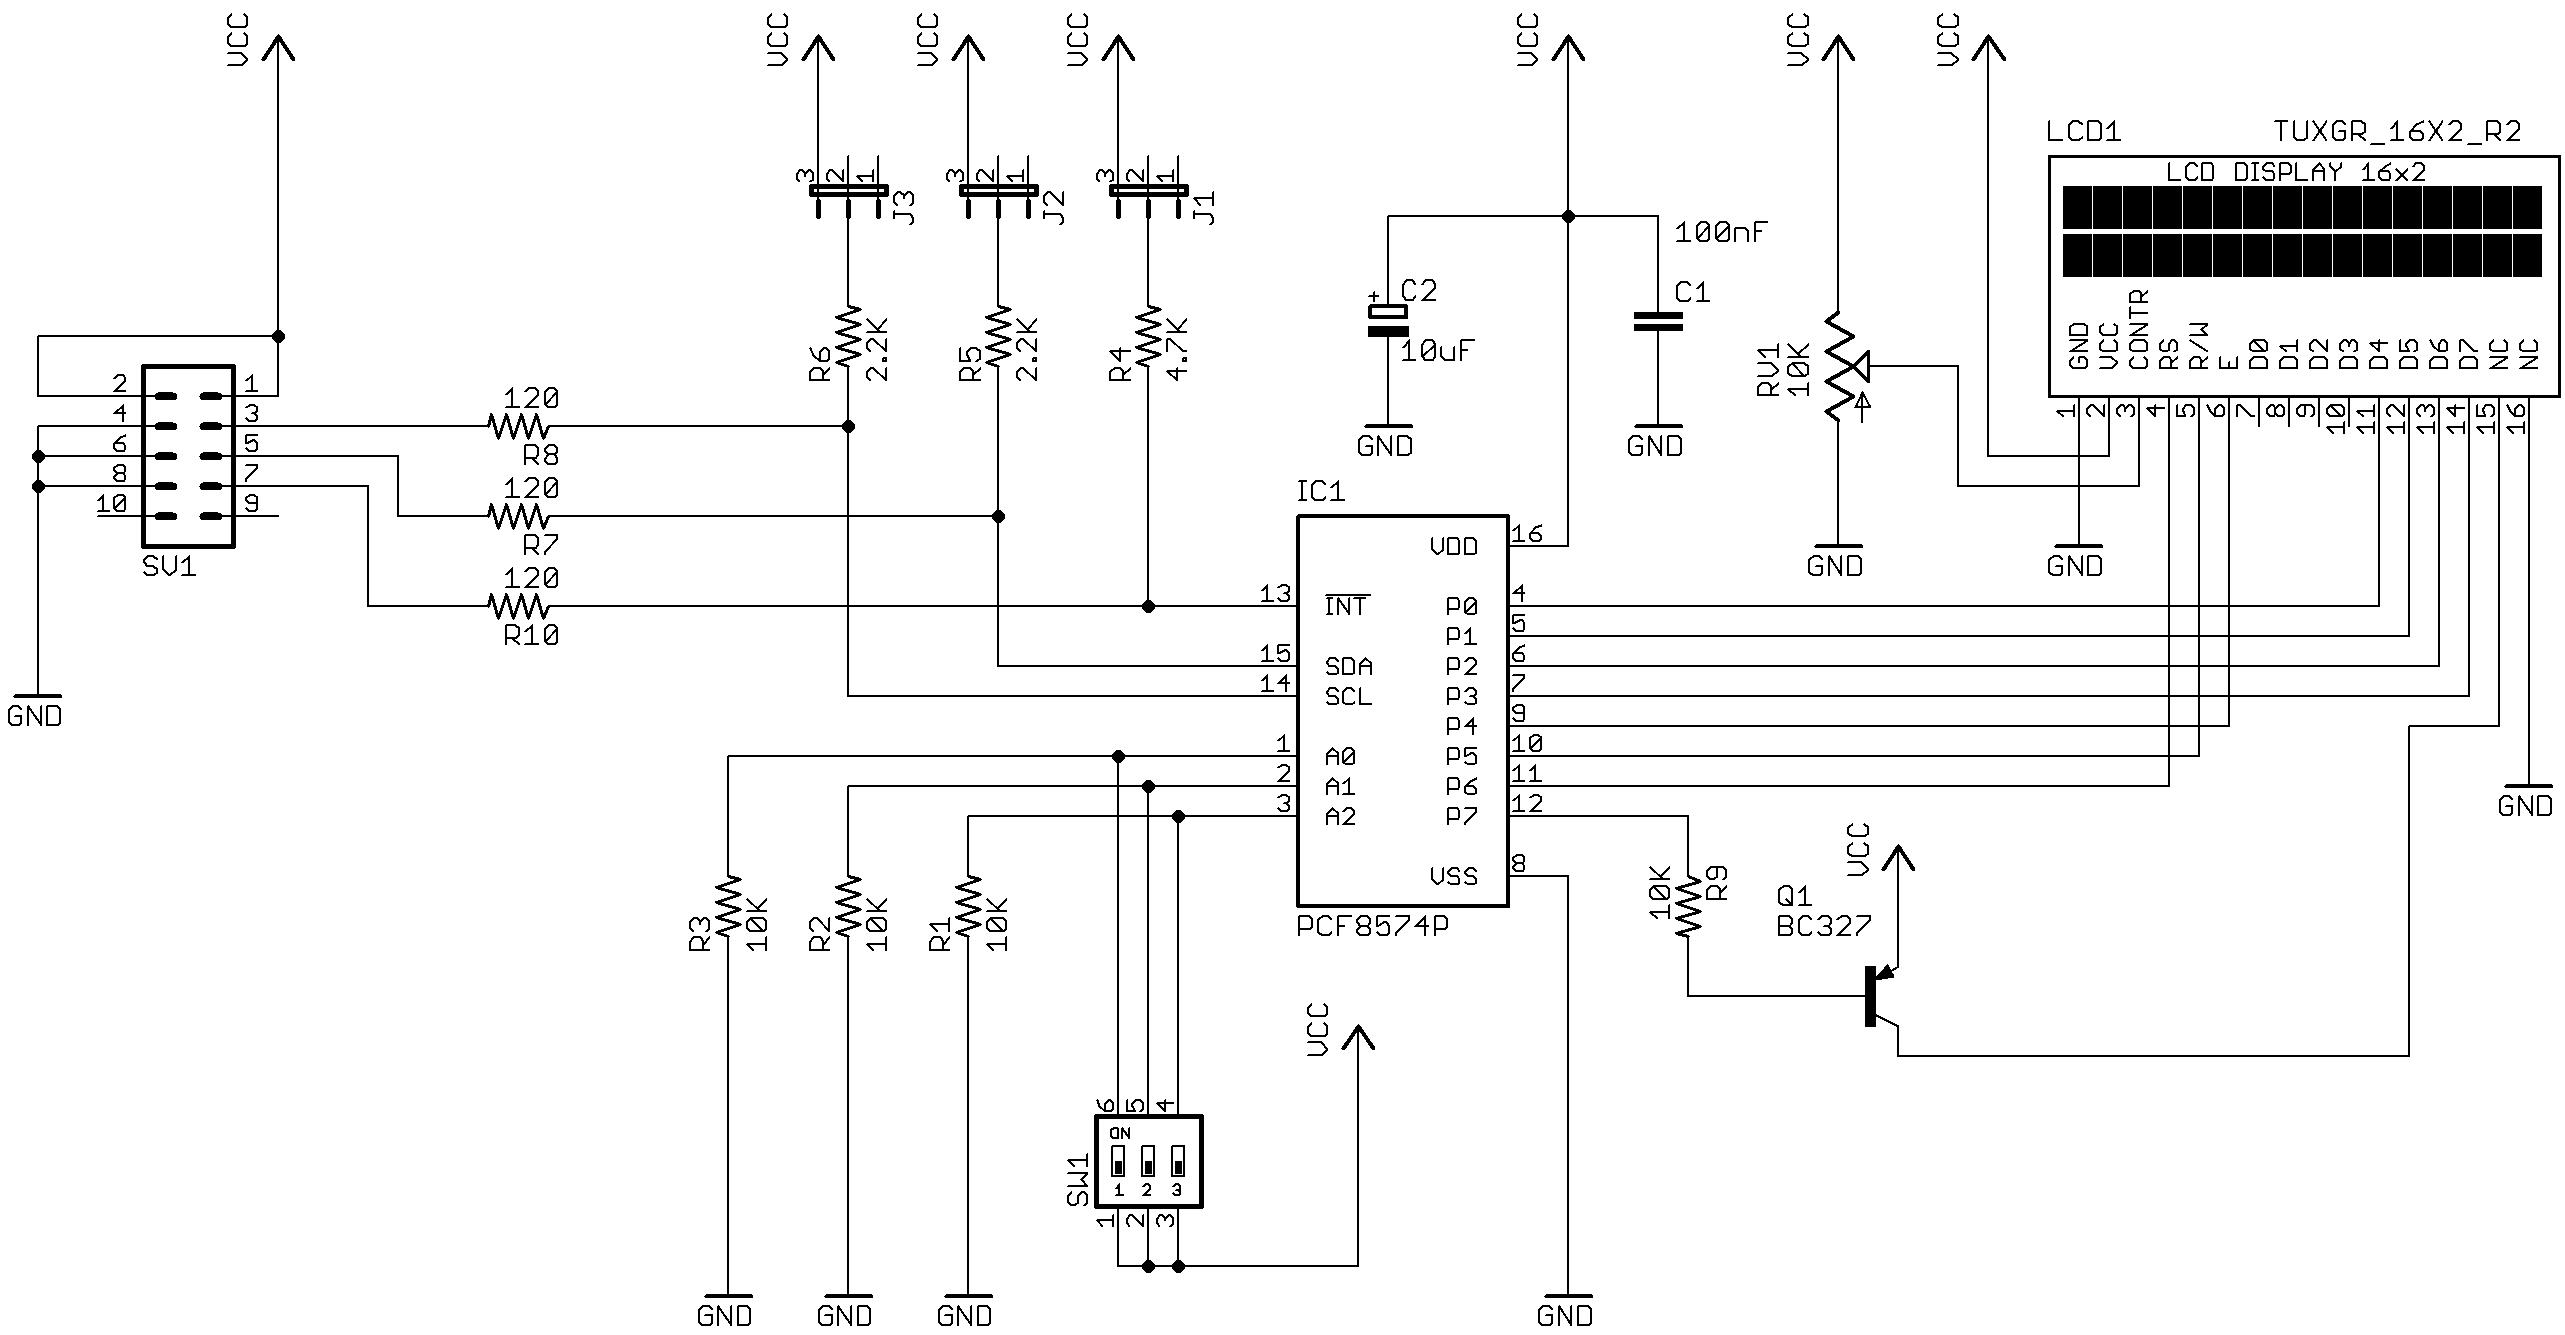 Schema Elettrico Per Xing : Laurtec controllare un lcd alfanumerico con interfaccia i c